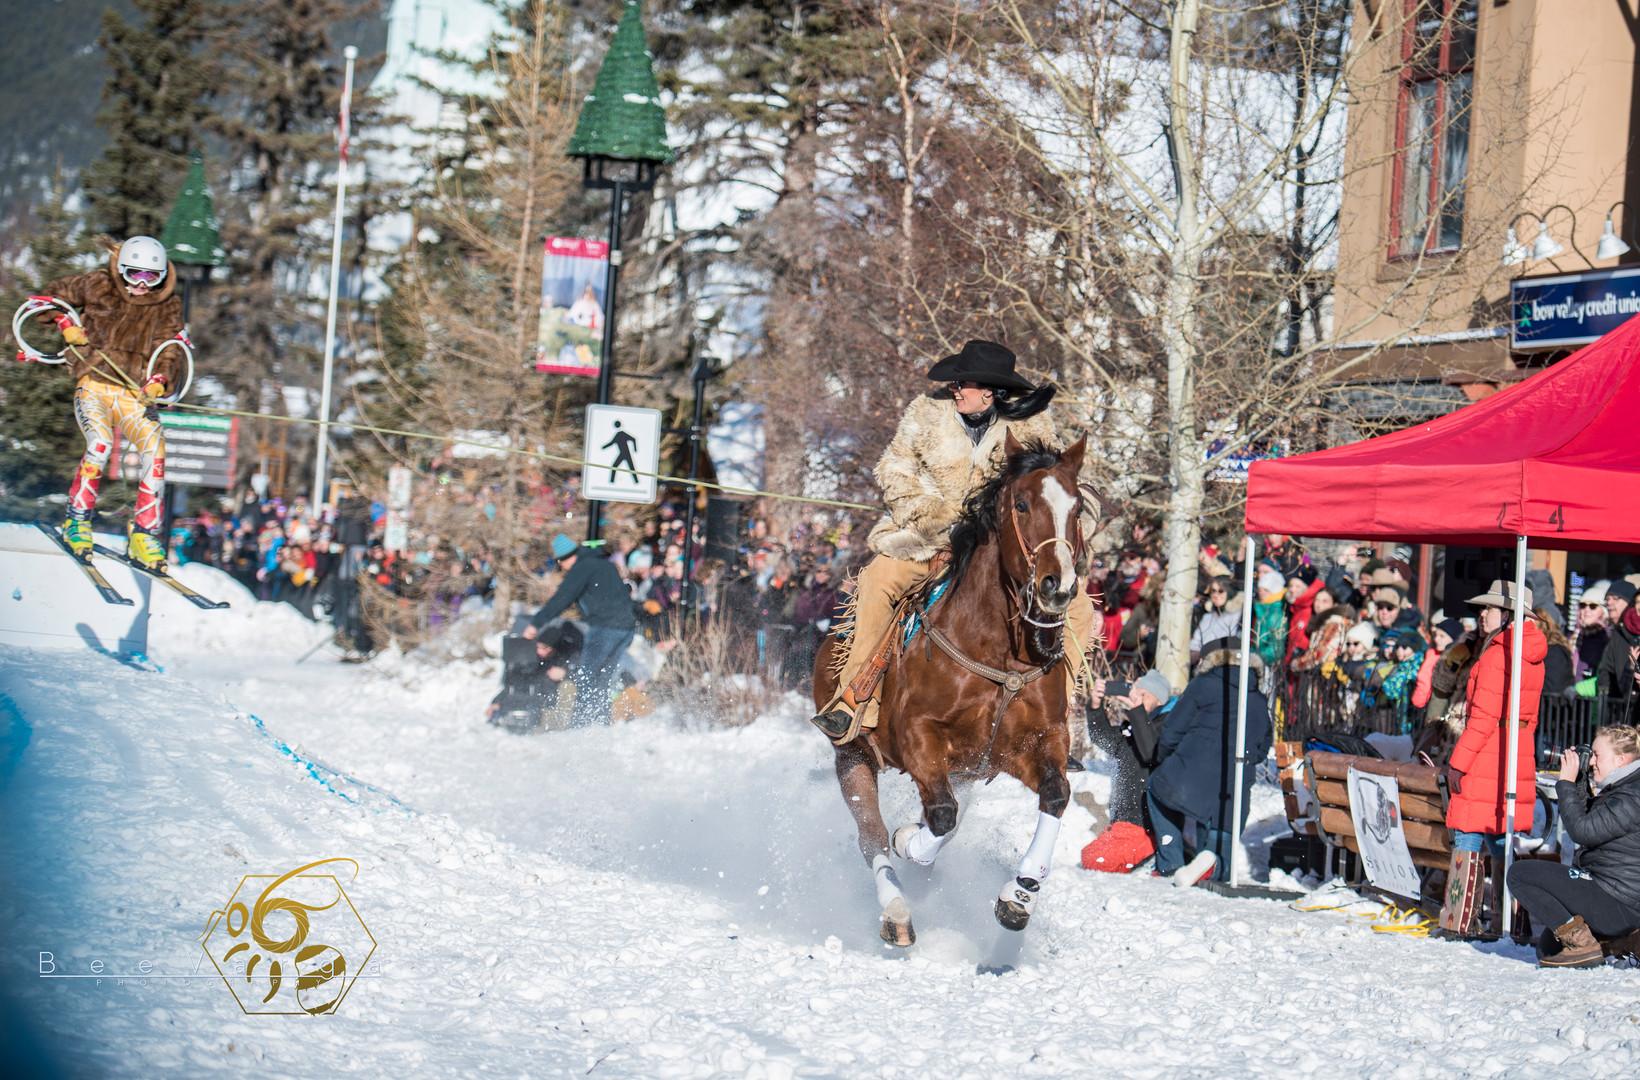 Jill Barron, Skijor in Banff. January 19 2020.